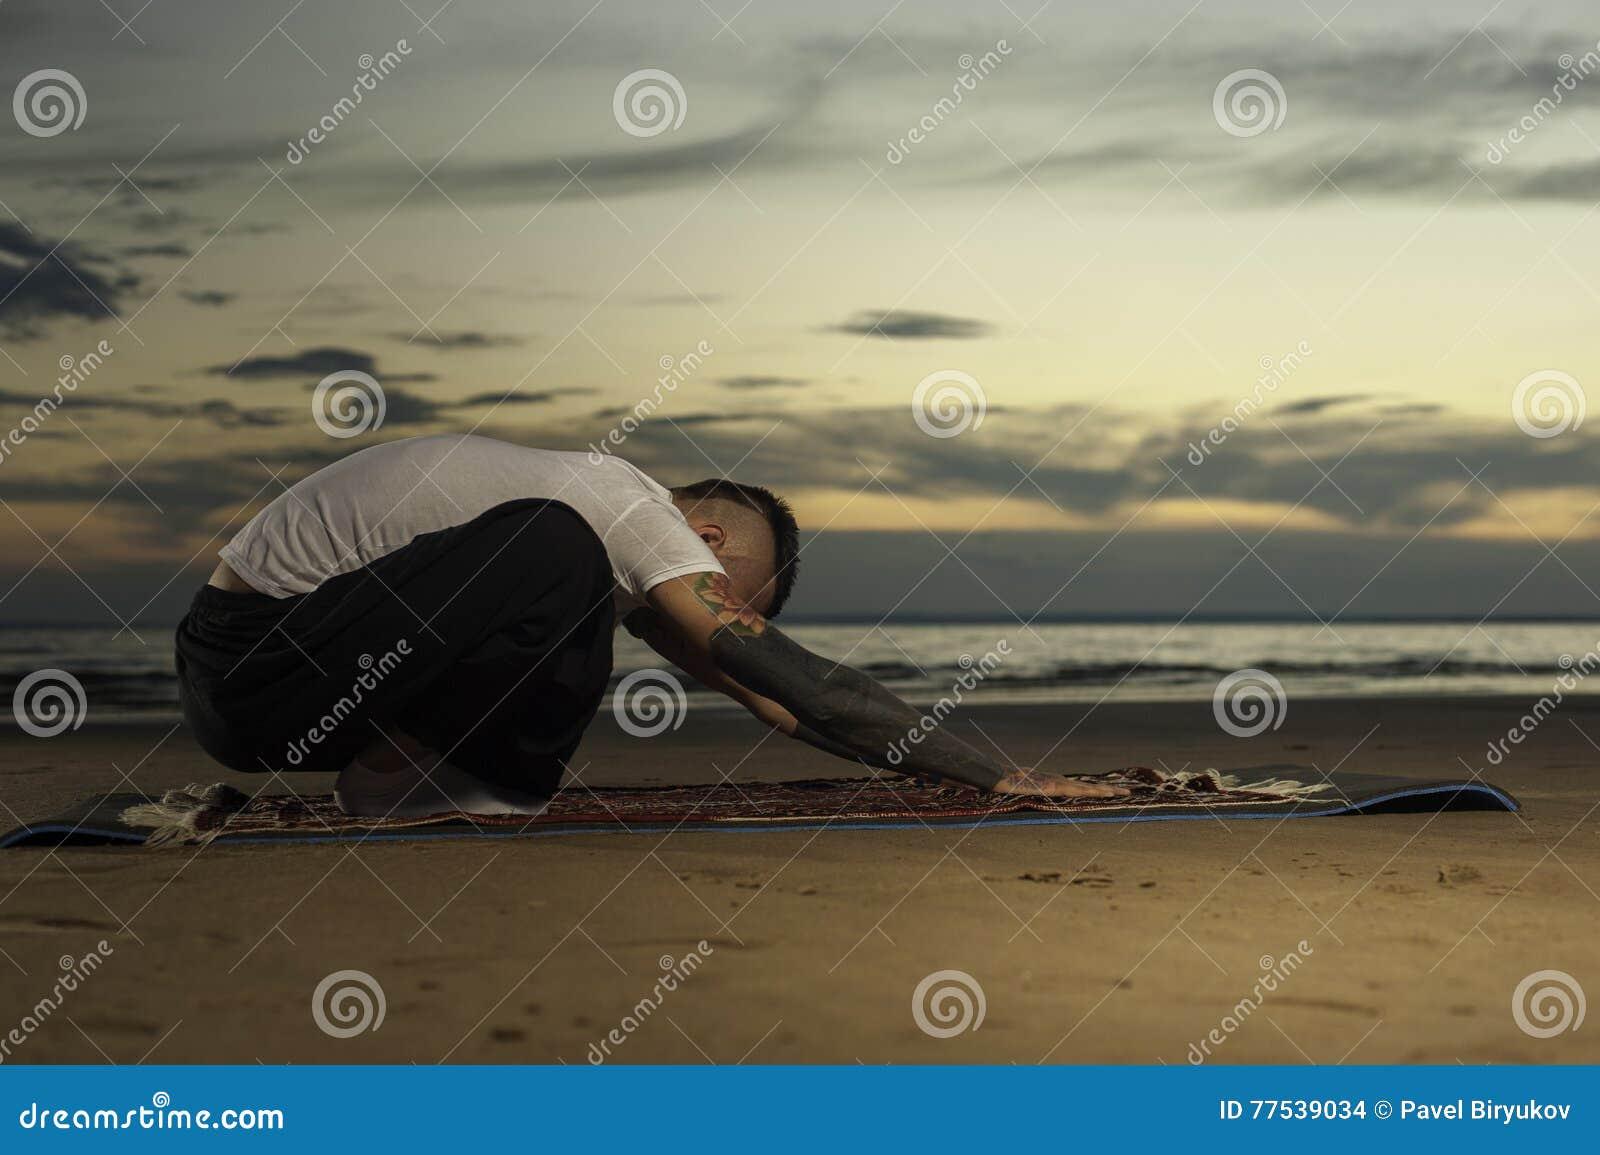 Pose De Pratique De Yoga D Homme De Tatouage De Jeunes Sur La Plage